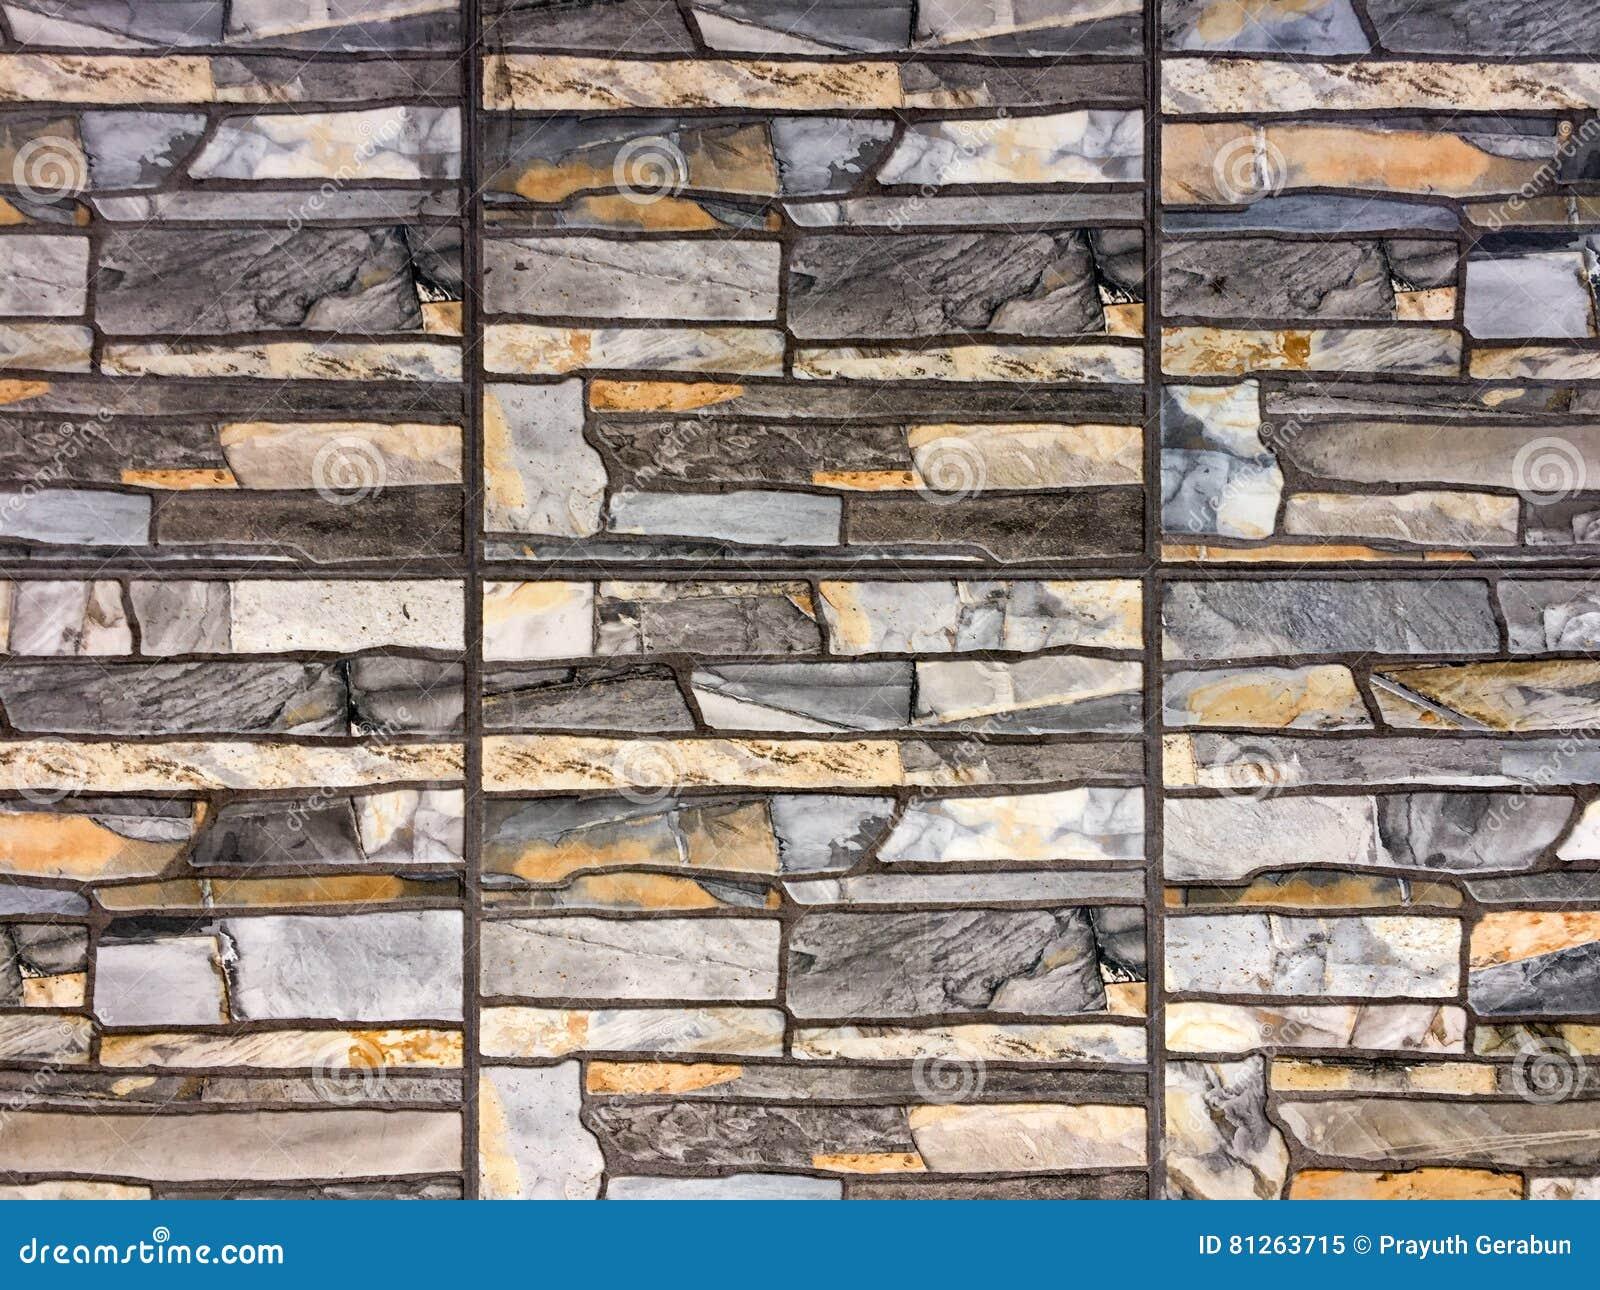 modelo mezclado del mrmol textura de la pared de piedra para la decoracin de la